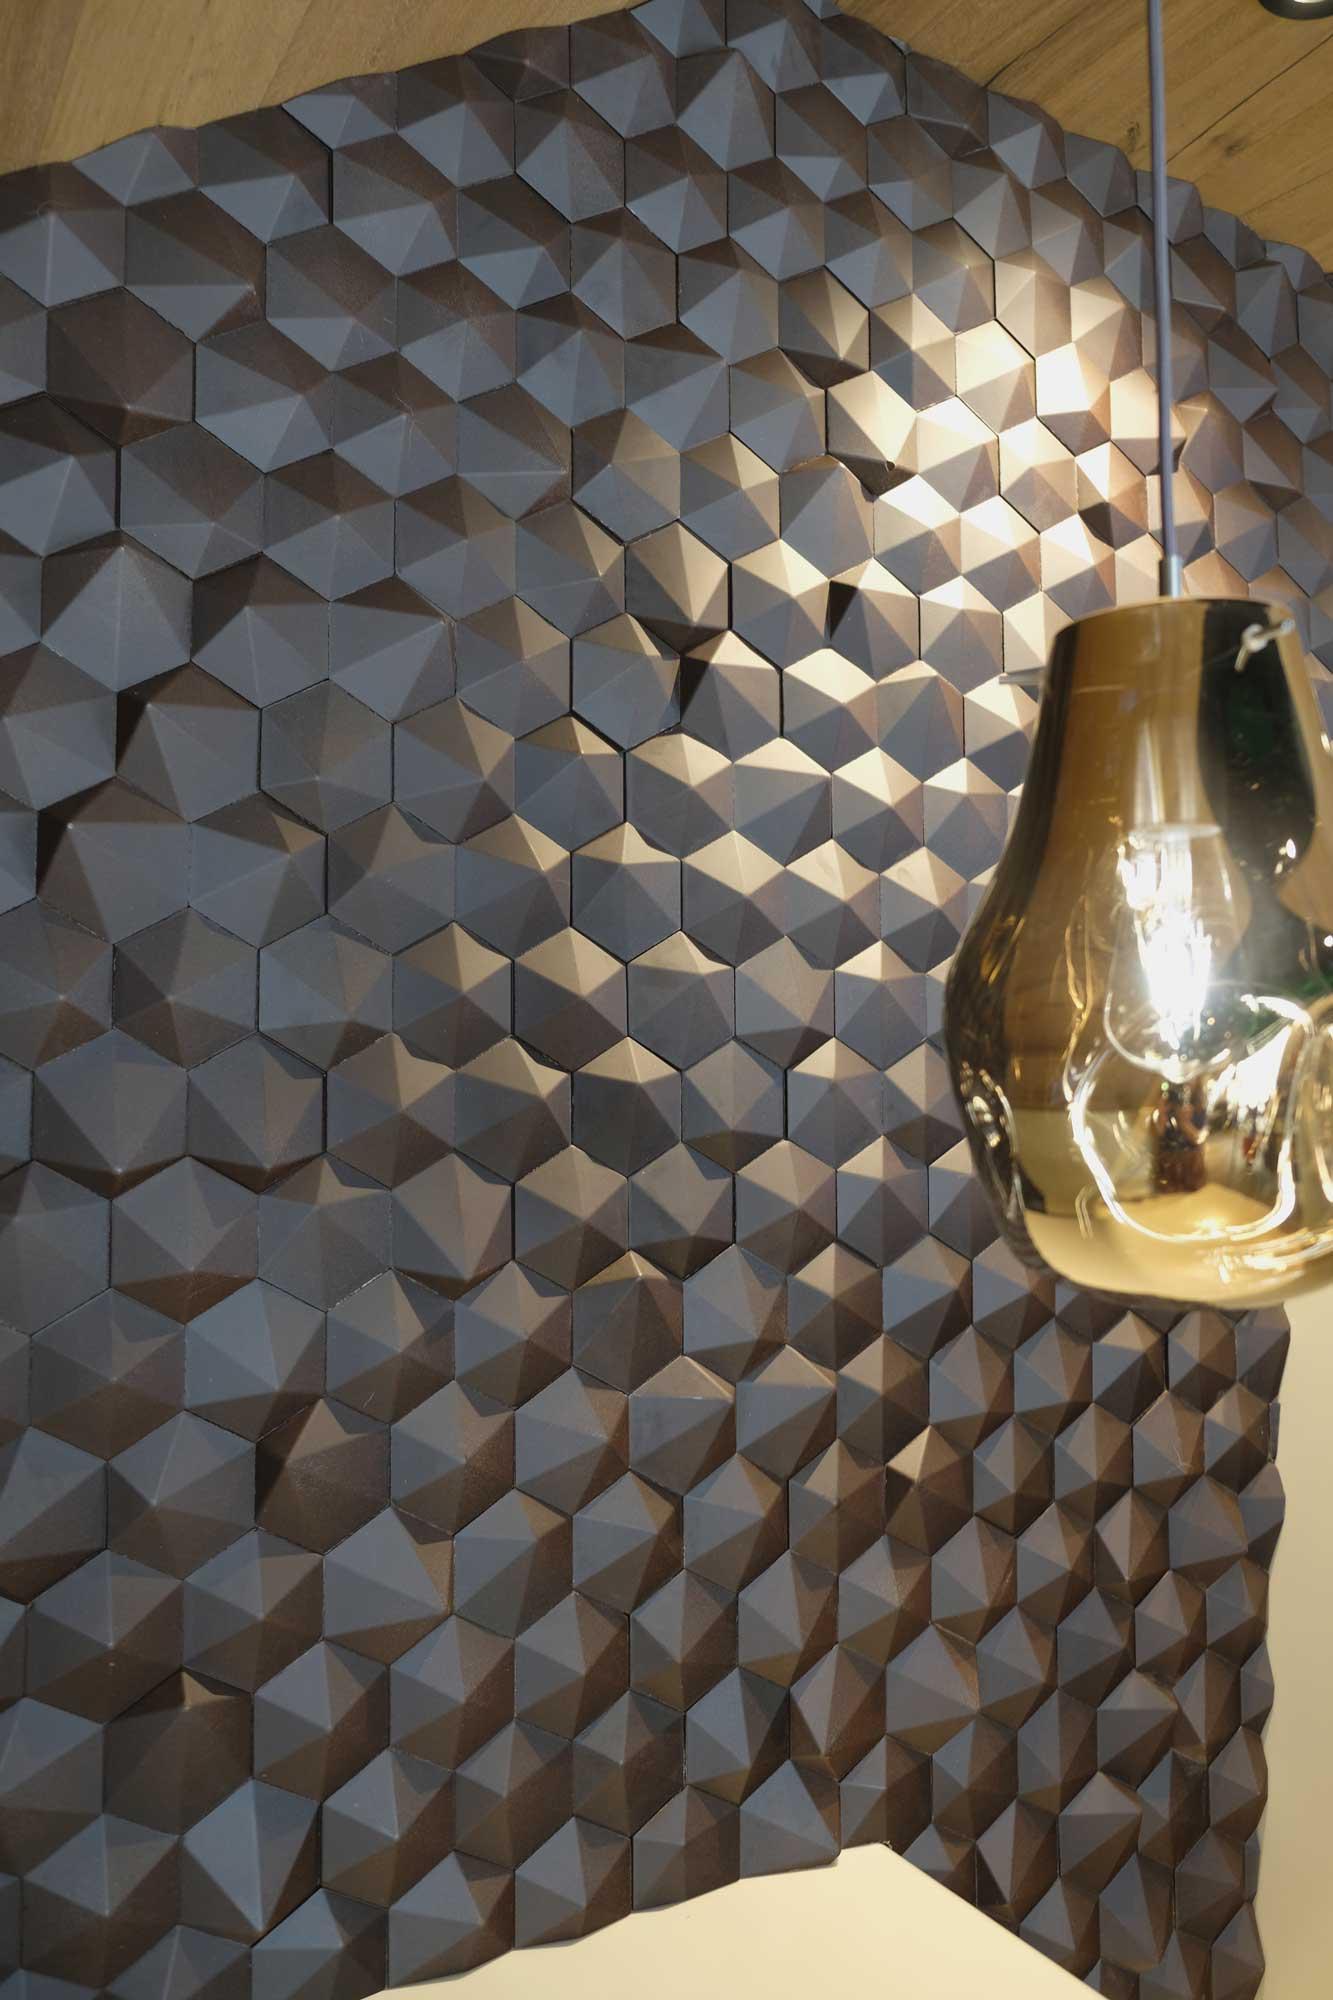 Kaffeegenuss an der Wand - Impressionen Wandgestaltung | material-id